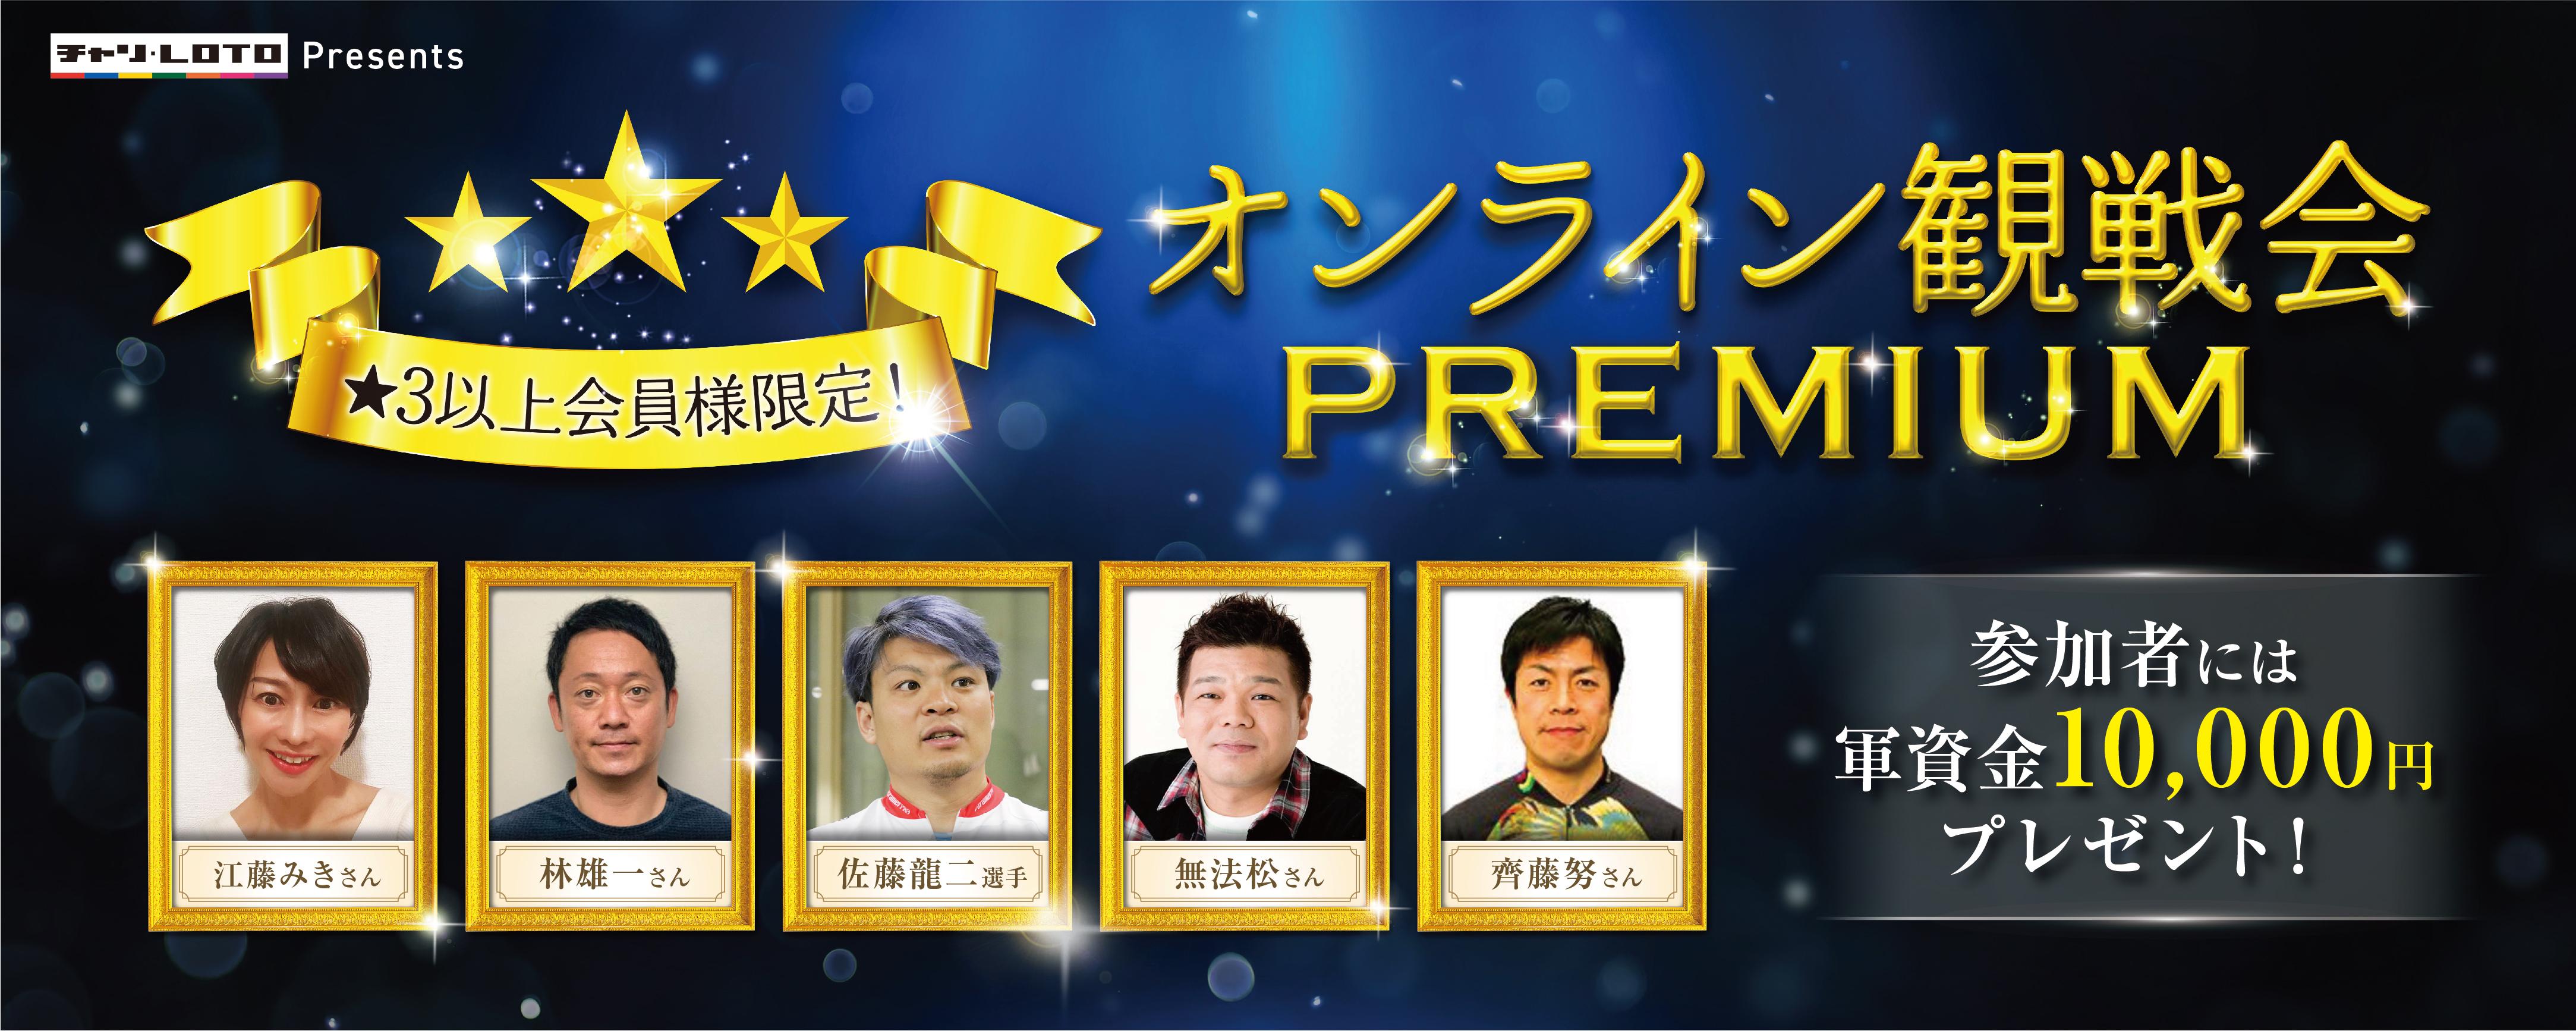 【☆3会員様以上限定】スペシャルゲストとオンライン観戦会PREMIUM※音声のみの参加可能